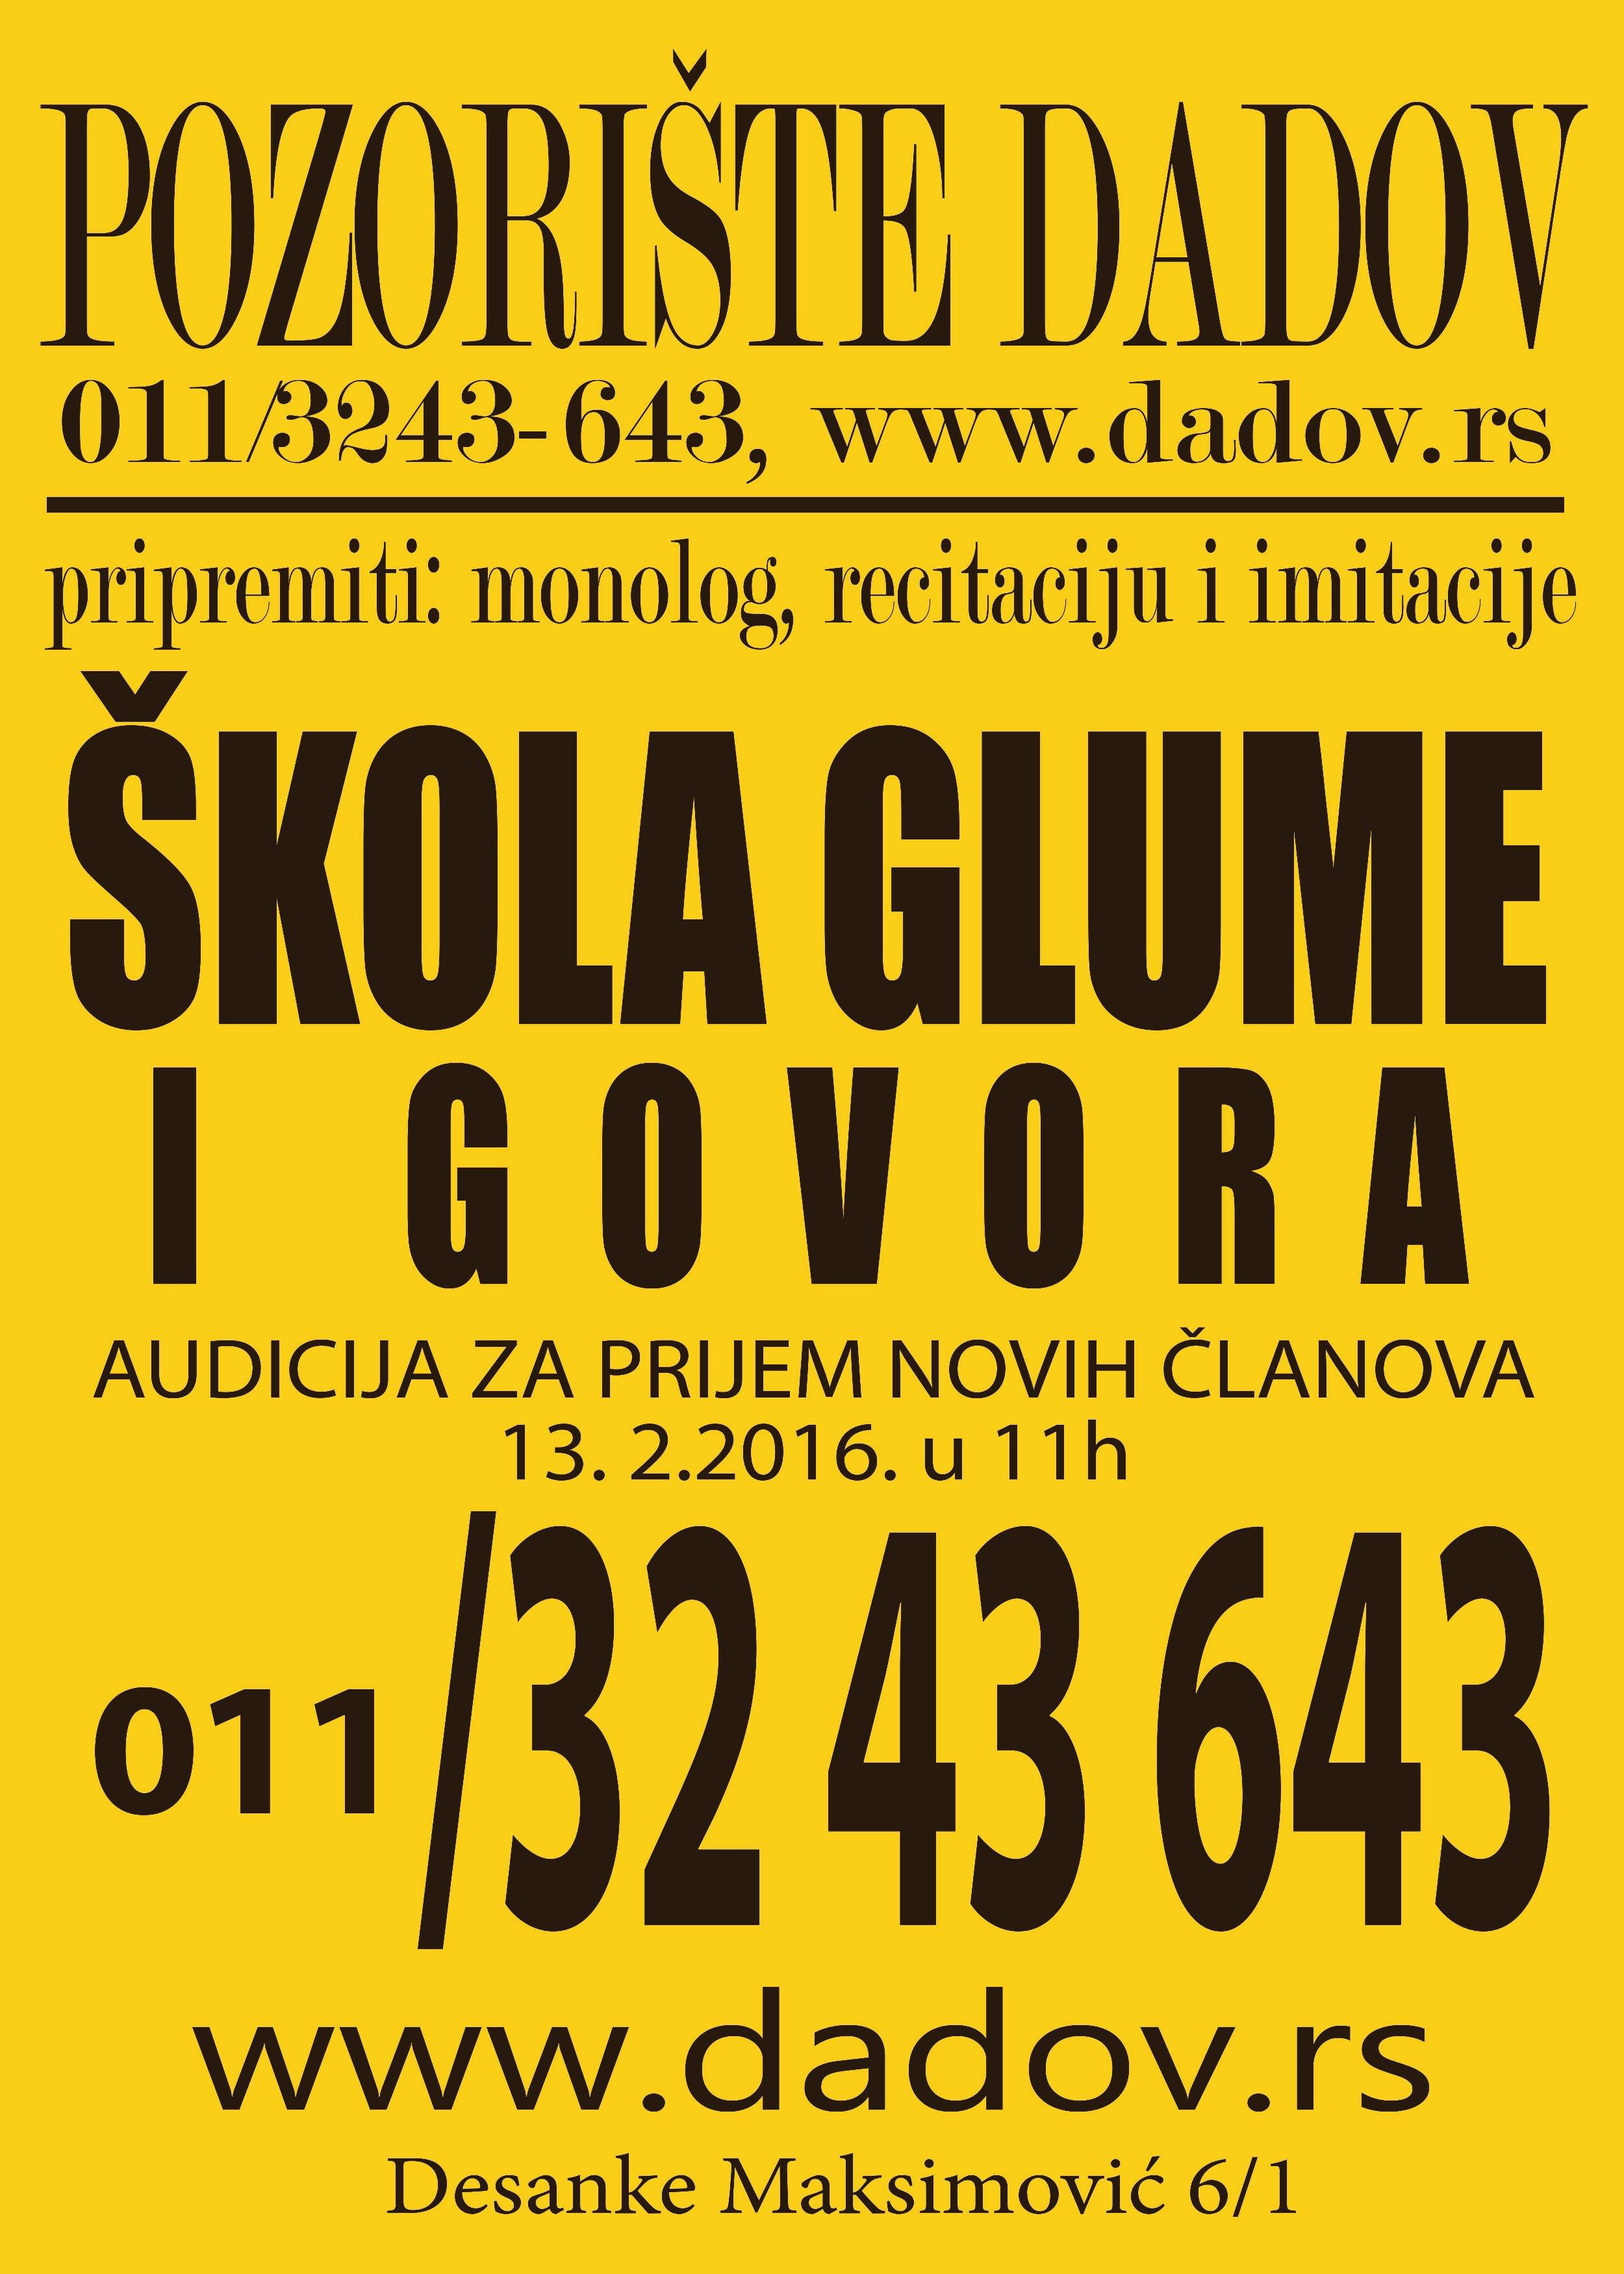 DADOV-audicija-(1)